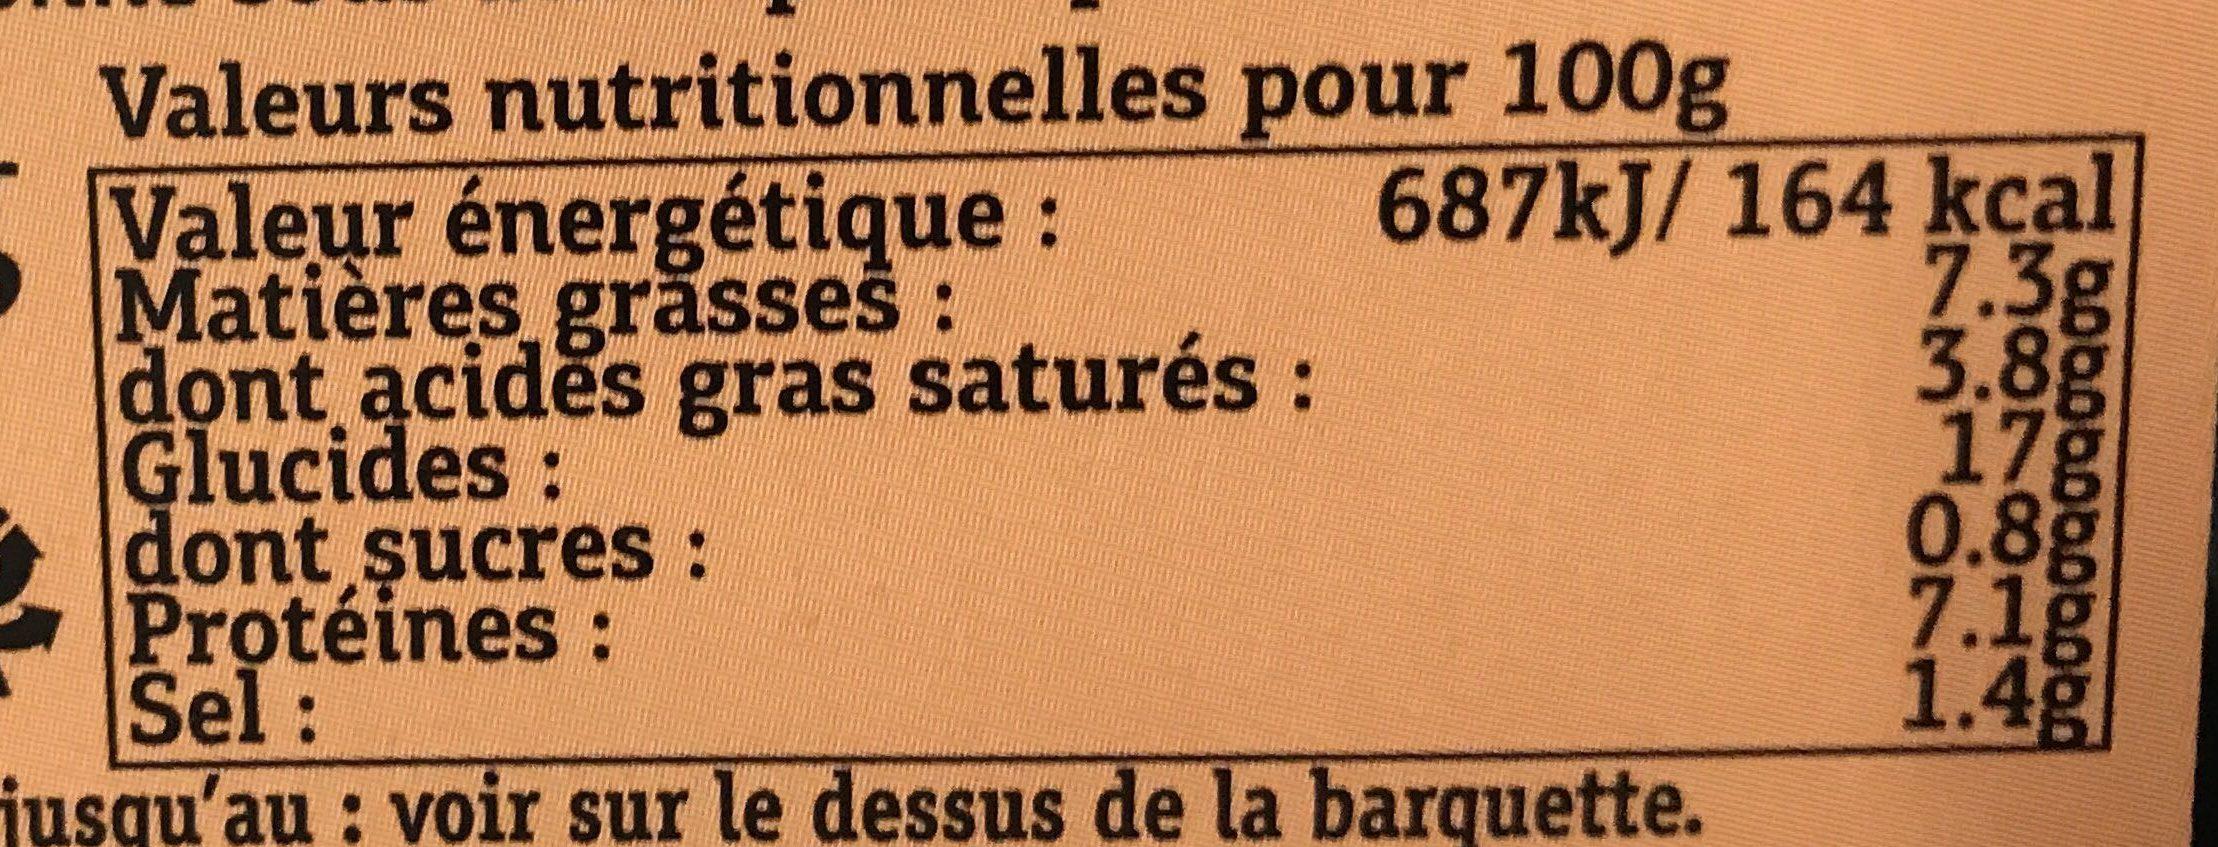 Galette  saumon fumé Poireaux - Informations nutritionnelles - fr